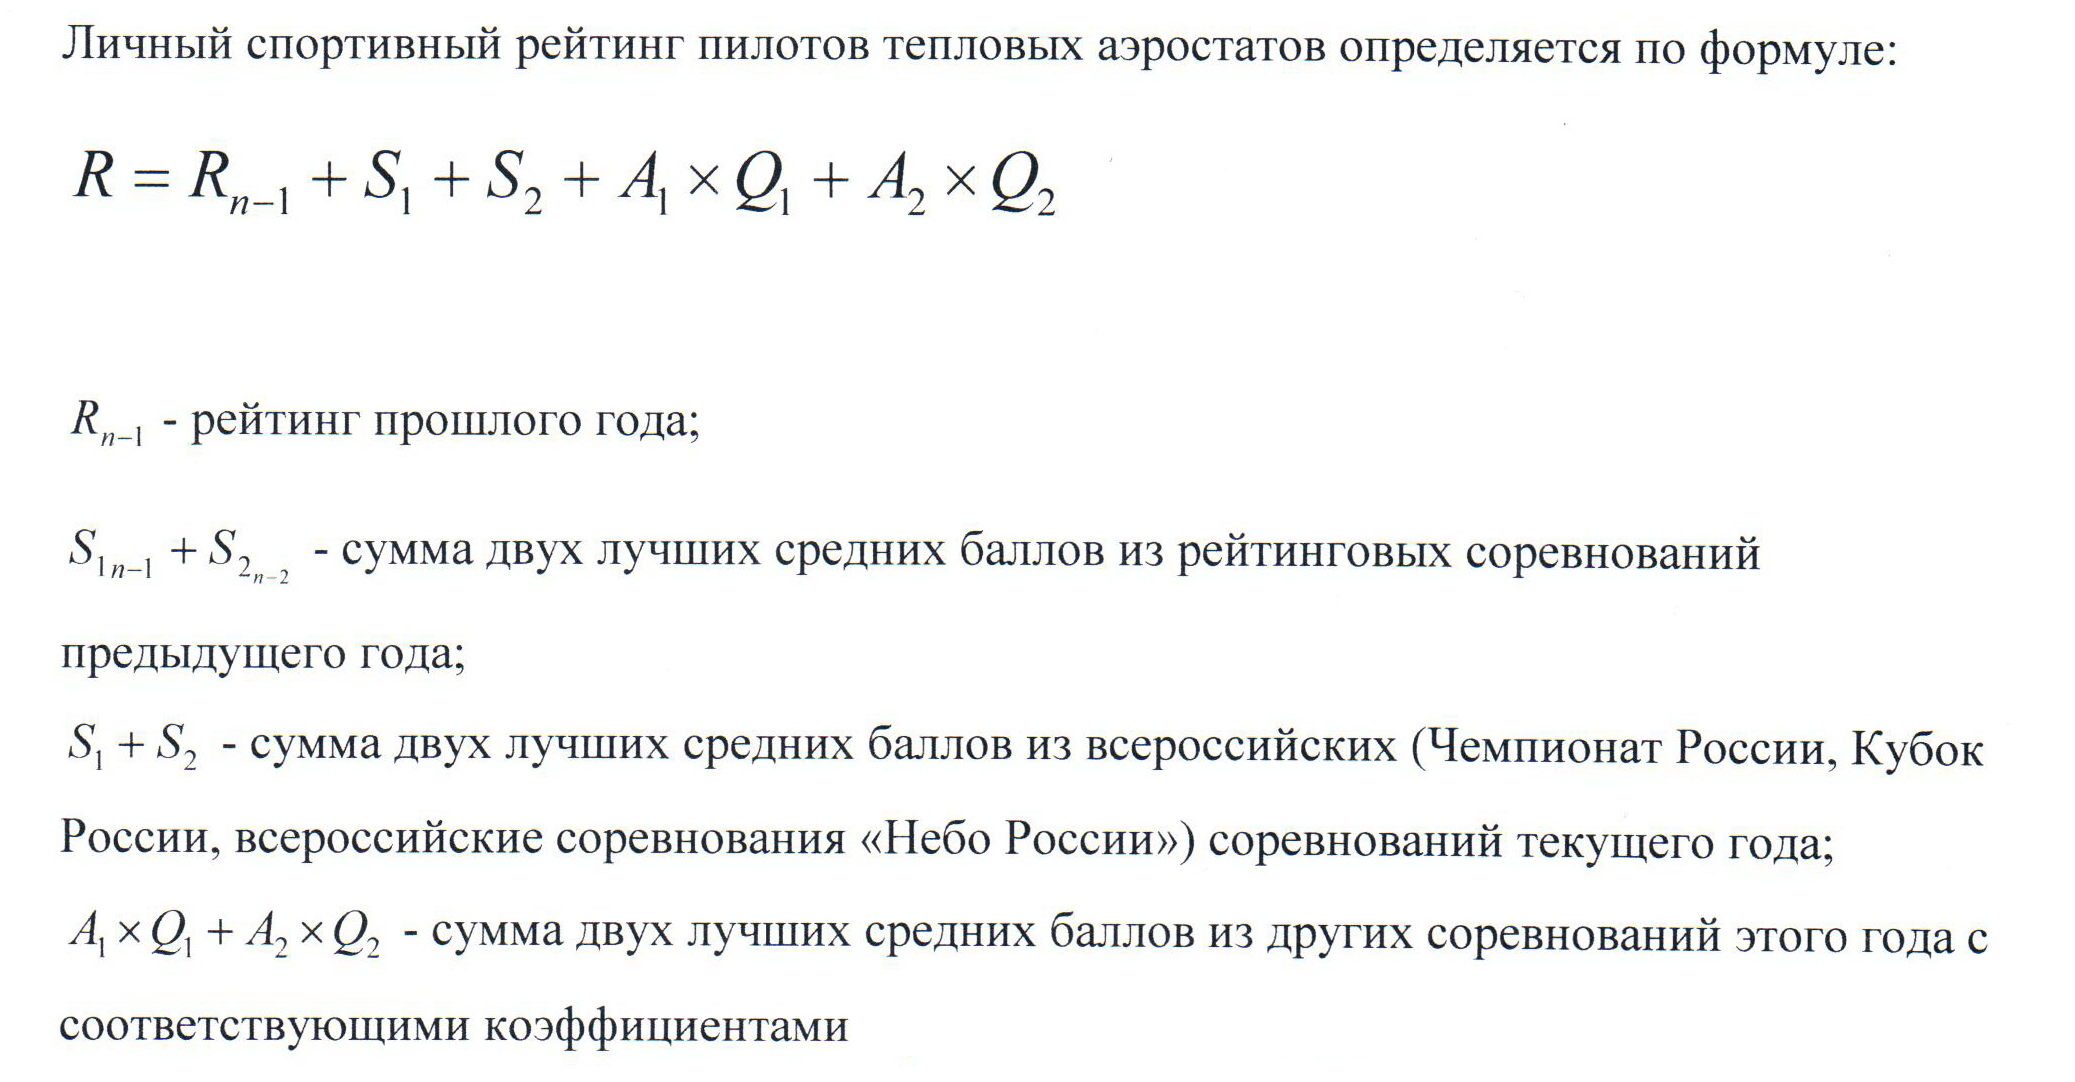 фвр рейтинг метод 2013 формула кратко